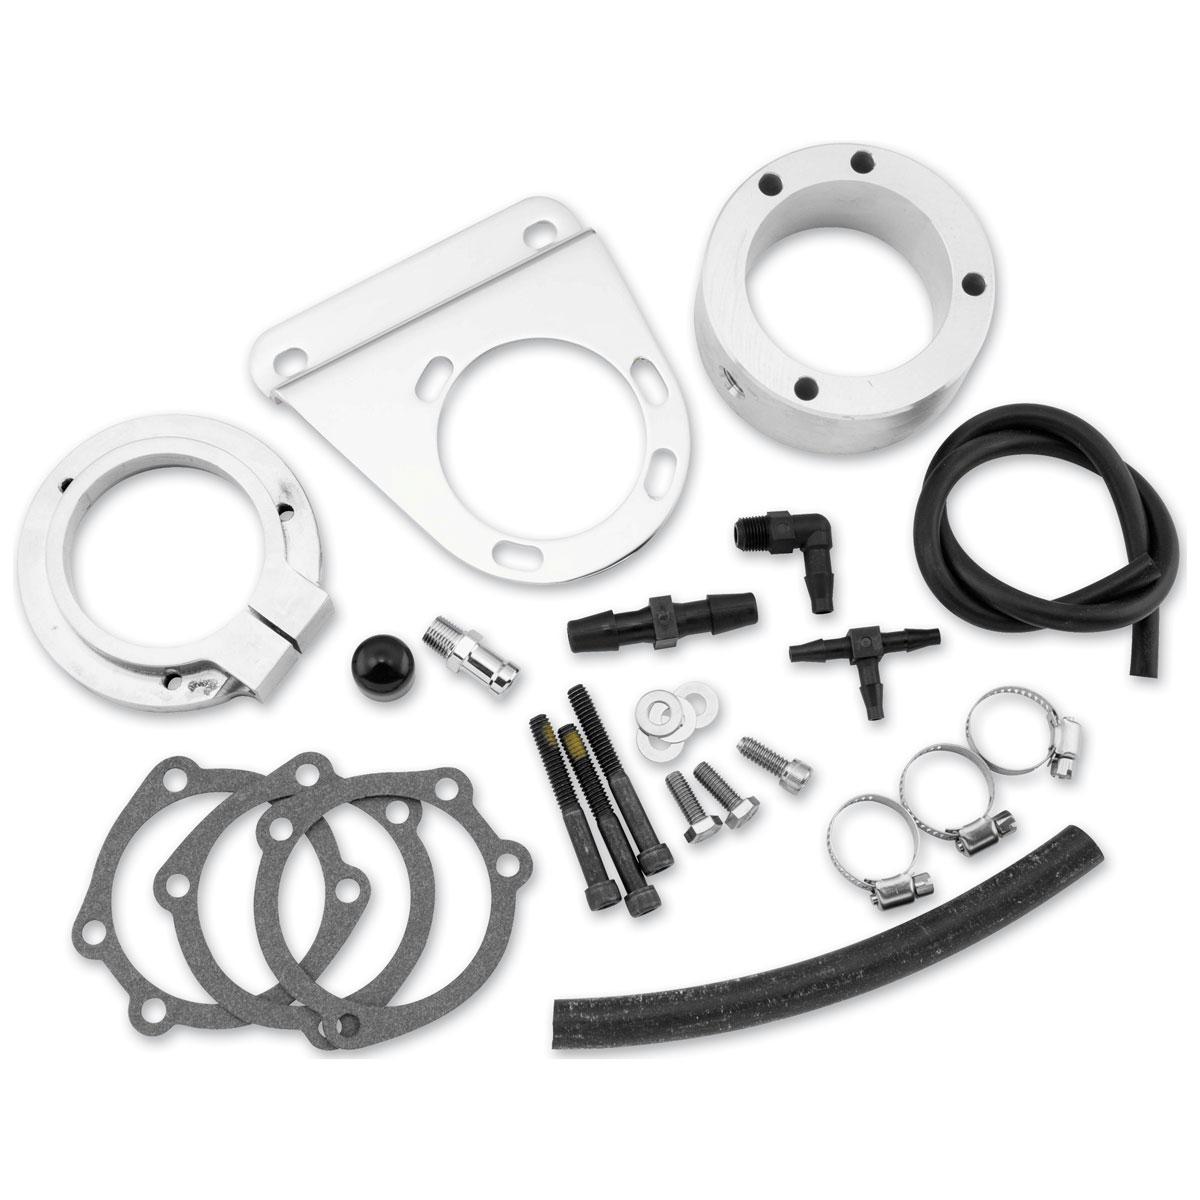 Kuryakyn Hypercharger Mounting Kit